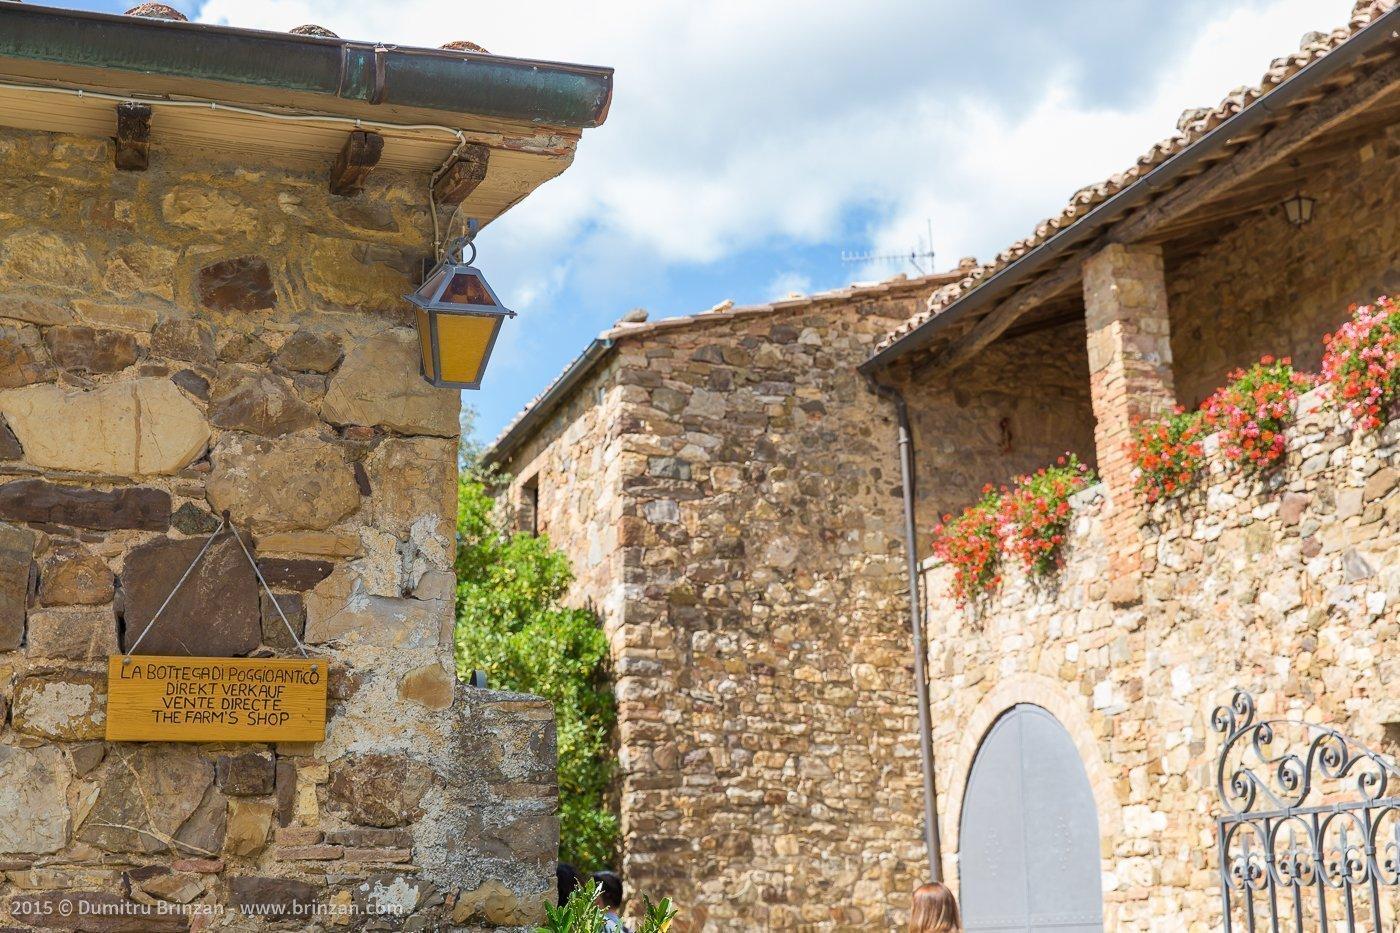 2015-poggio-antico-tuscany-italy-11